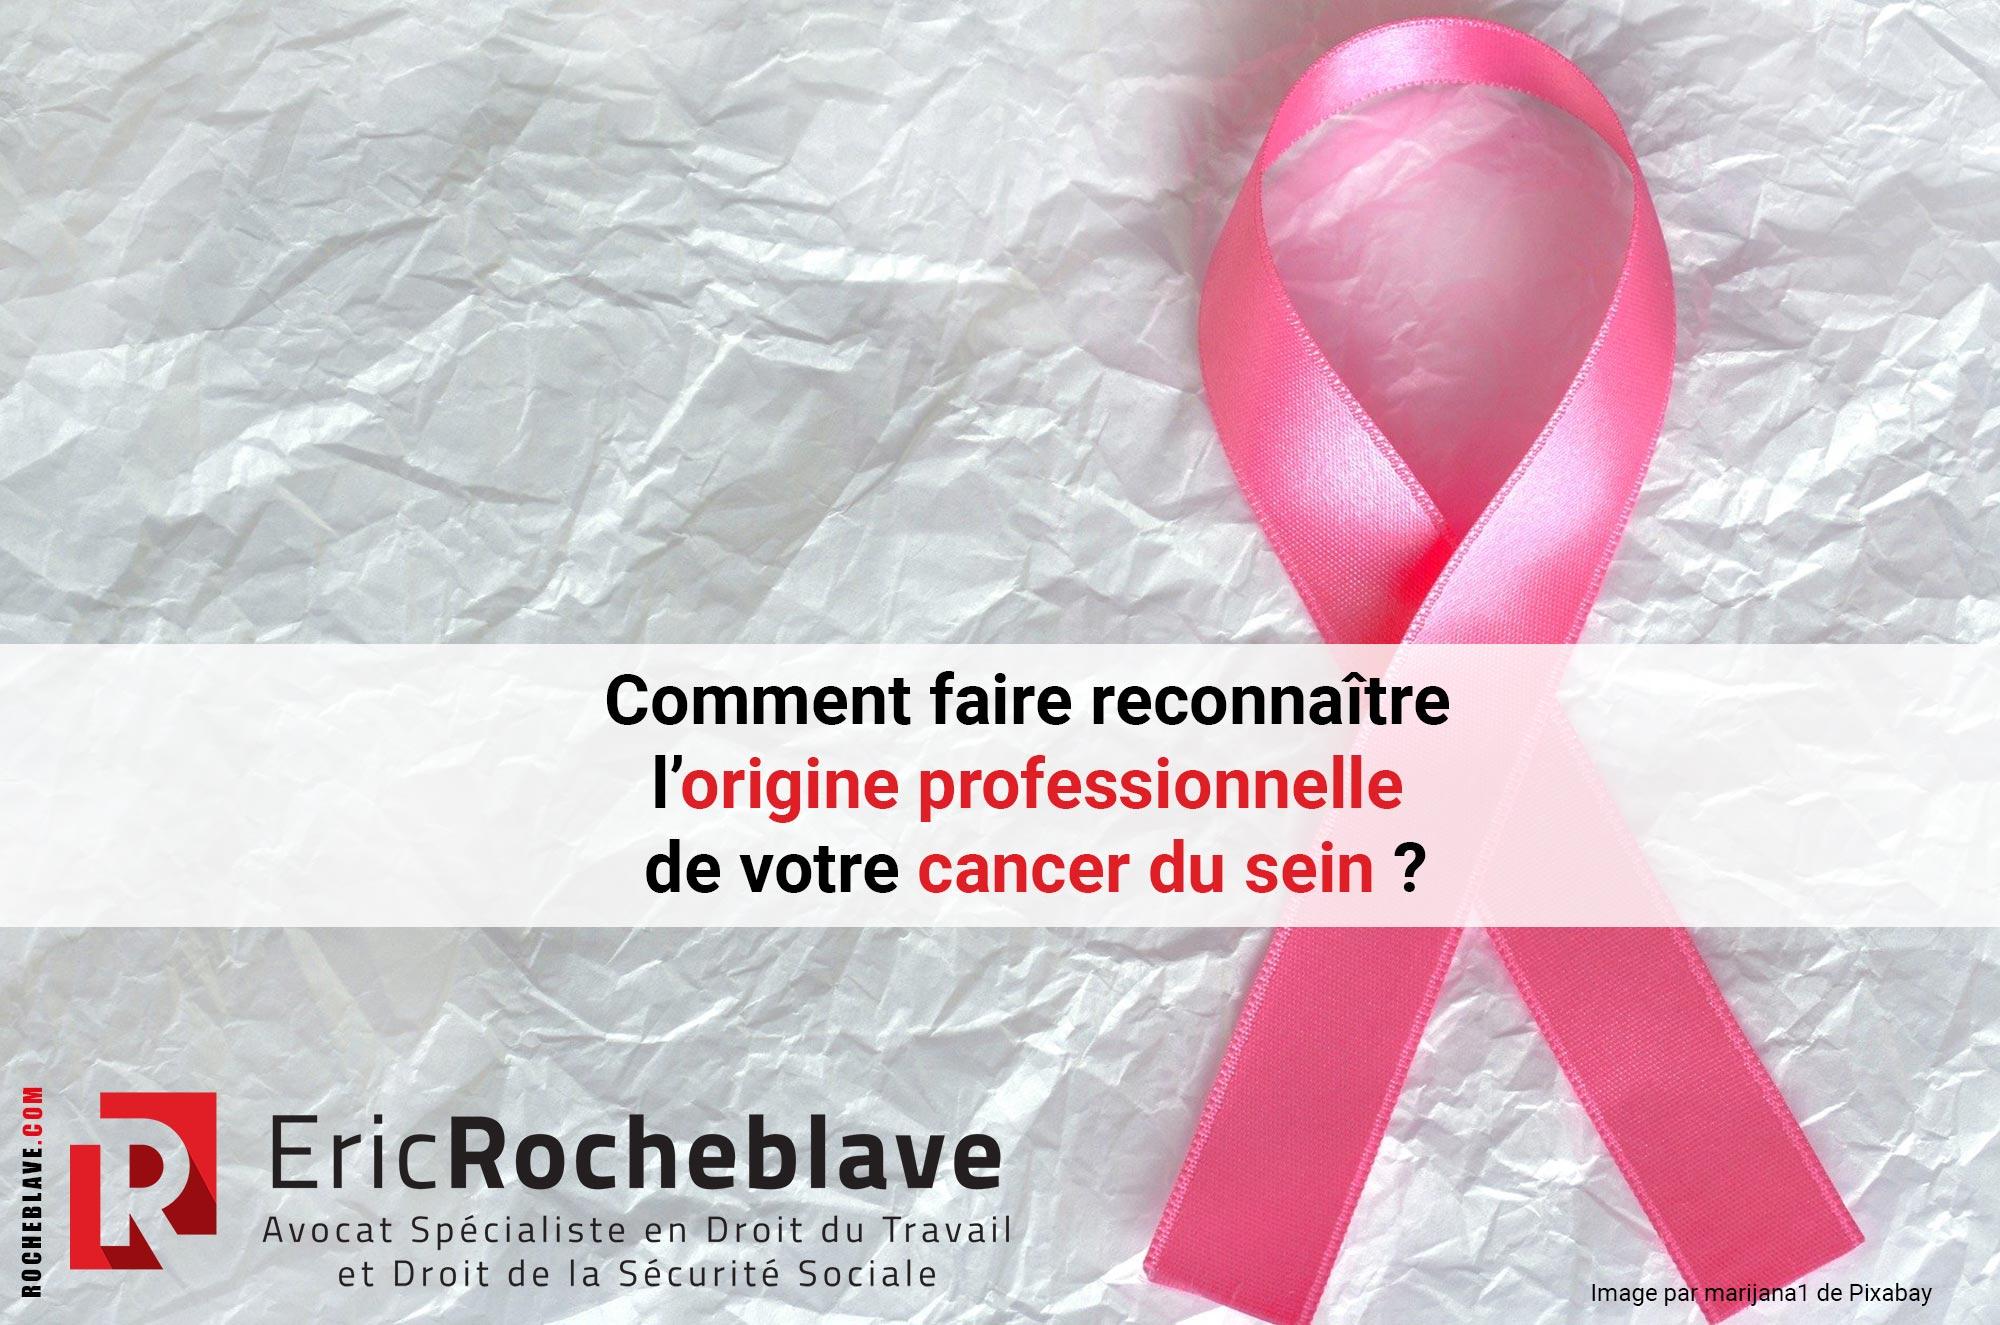 Comment faire reconnaître l'origine professionnelle de votre cancer du sein ?